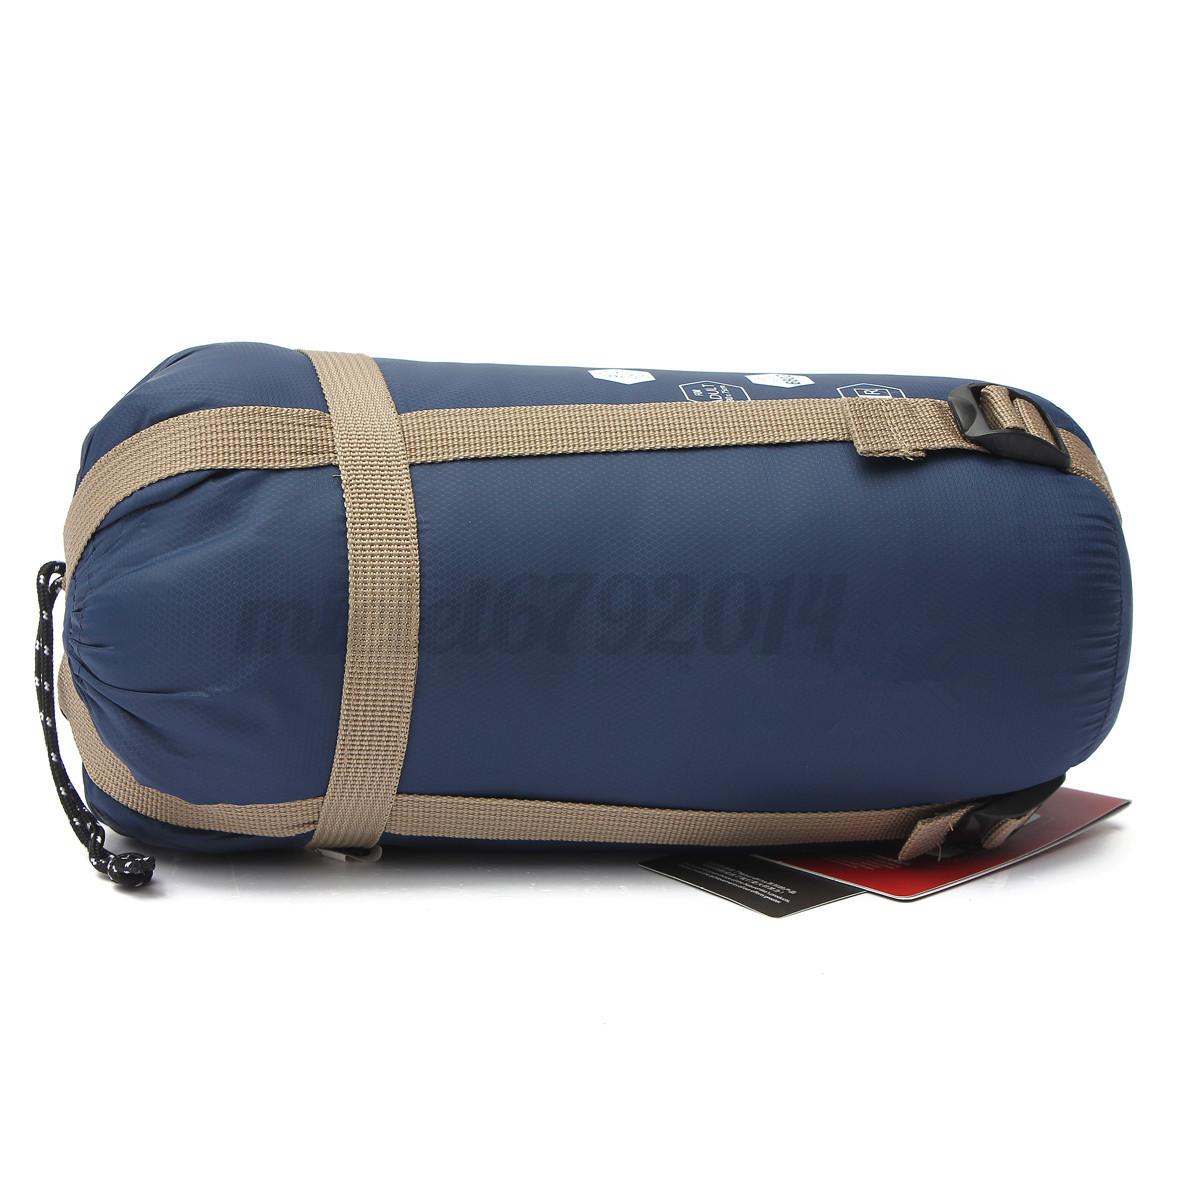 sac de couchage protable compression etanche arm l ger camping randonn e voyage. Black Bedroom Furniture Sets. Home Design Ideas